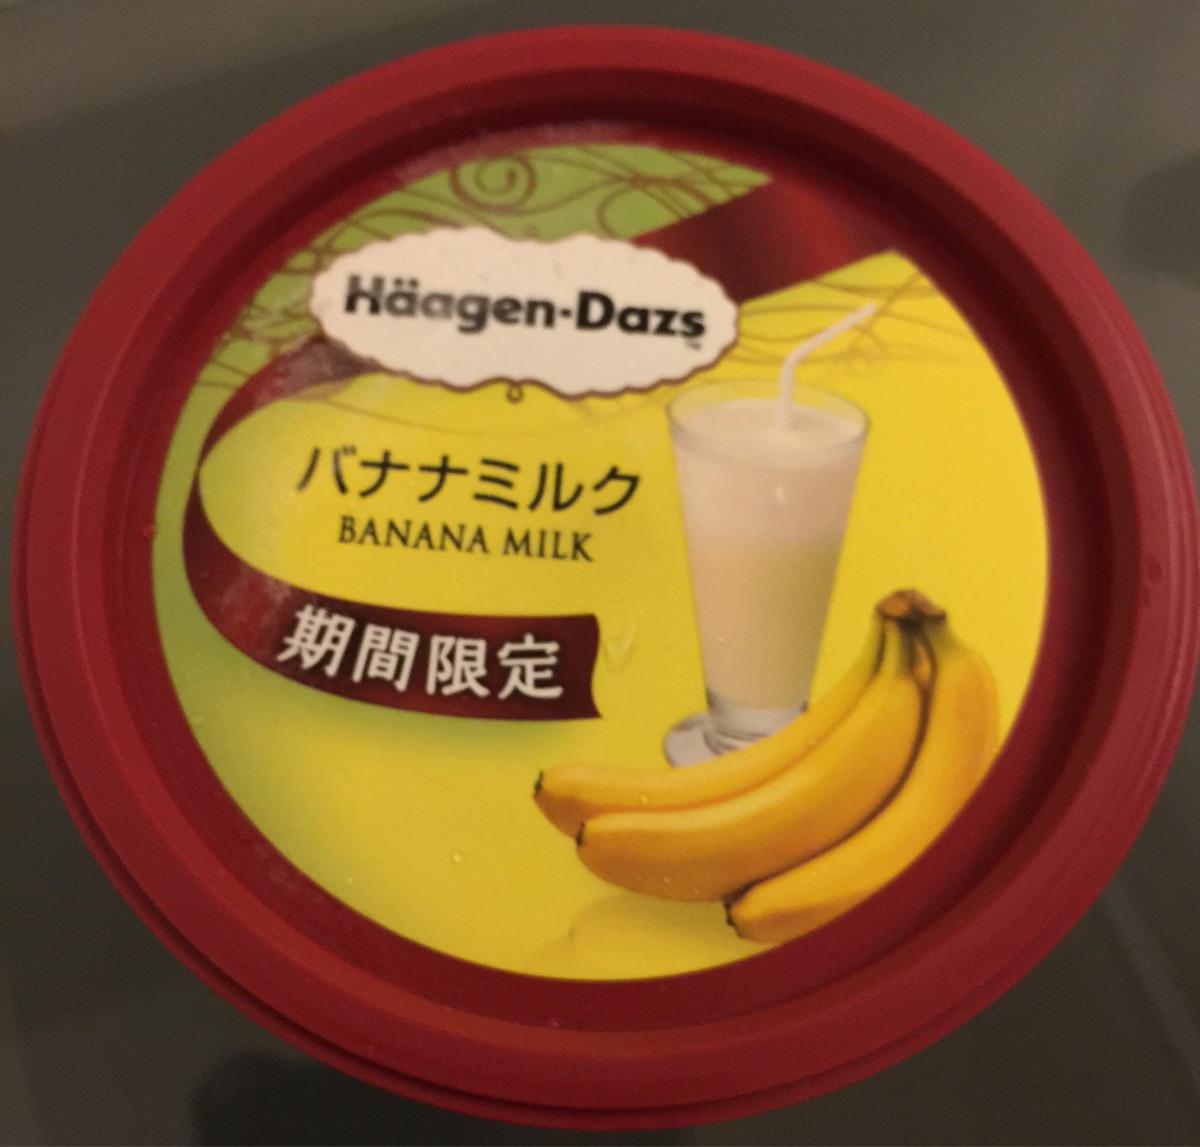 バーゲンダッツ バナナミルク